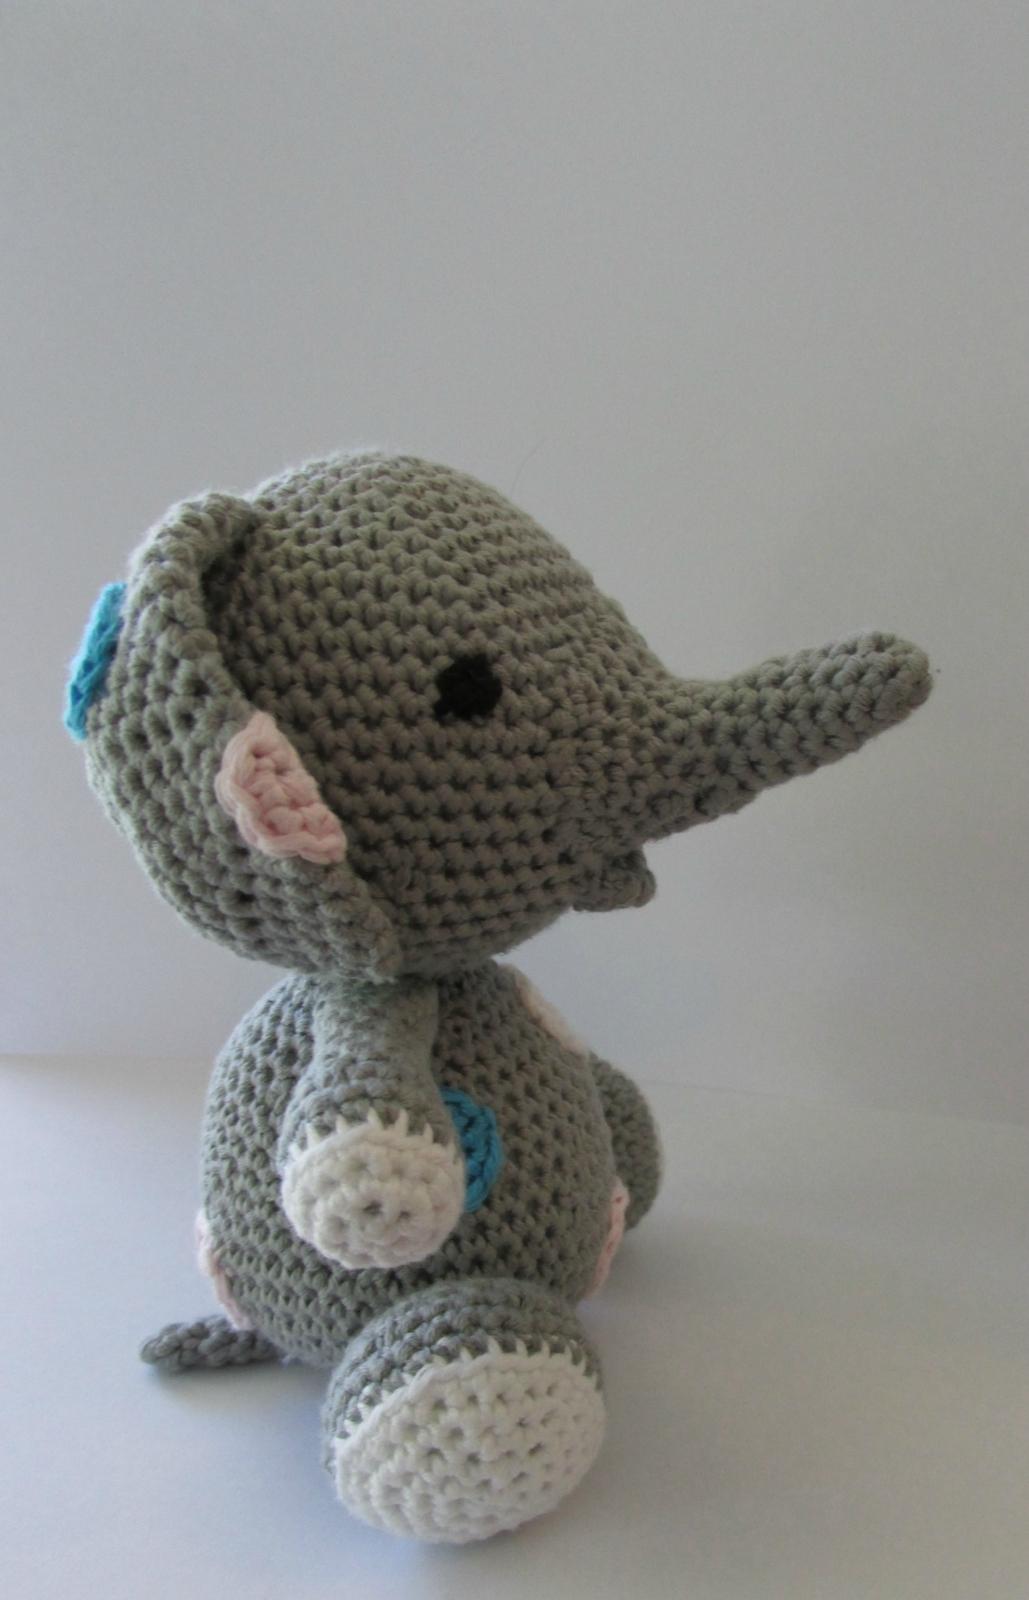 Little Grey Elephant Crochet Toy Felt